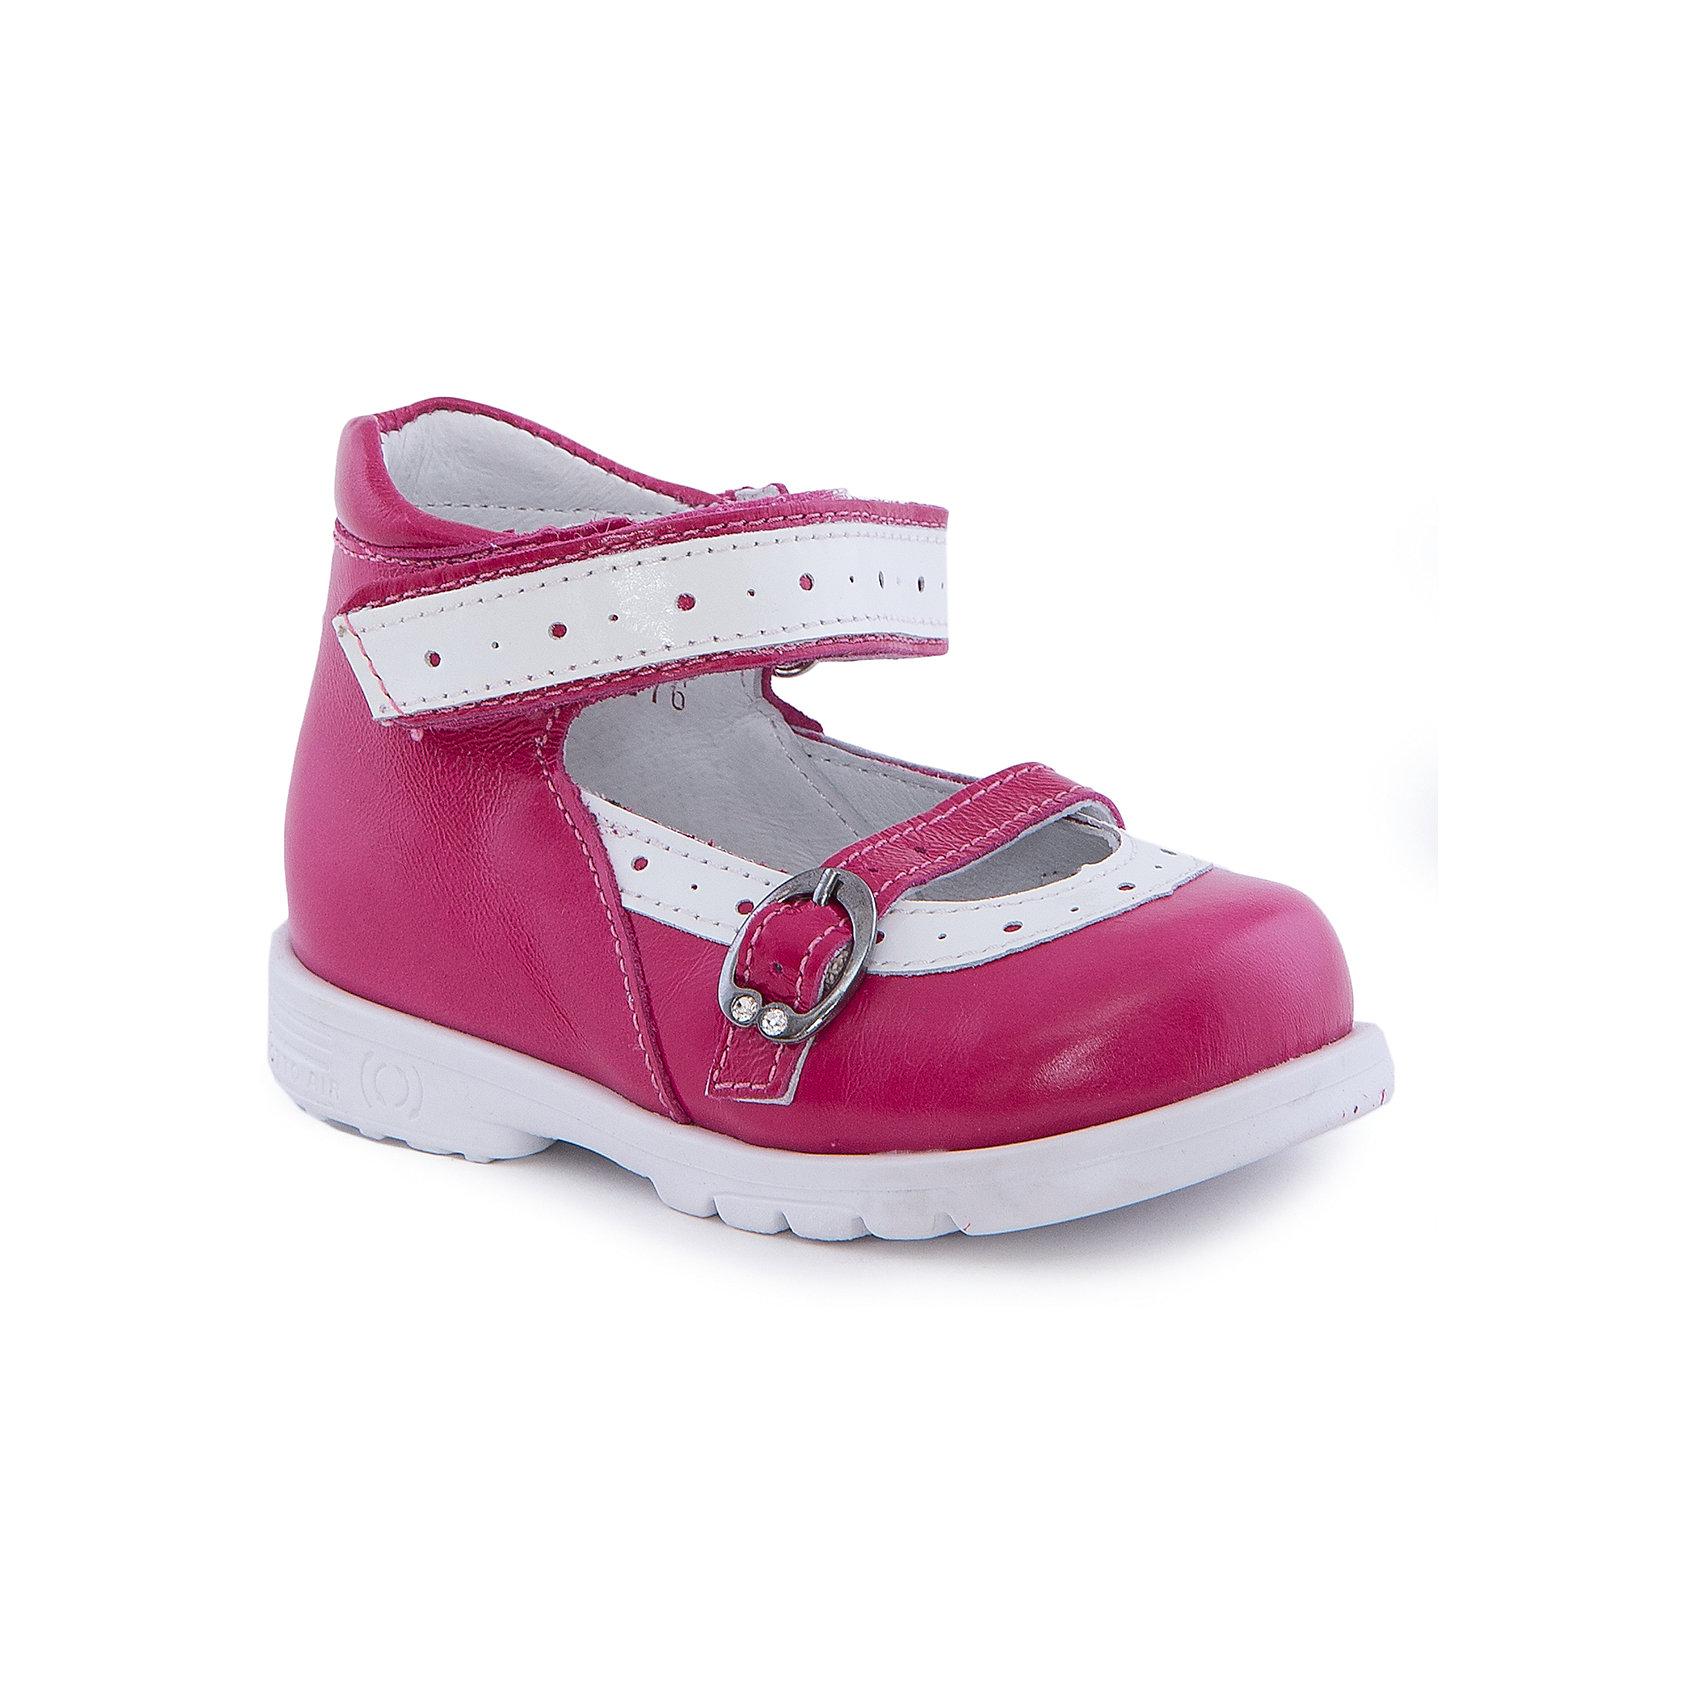 Туфли для девочки ТОТТОТуфли<br>Туфли для девочки ТОТТО<br>Красивые и удобные туфли для девочки от Российского производителя ТОТТО. Произведены в соответствии с рекомендациями ортопедов, имеют супинатор, который предотвращает образование плоскостопия и жесткий задник, продленный до середины стопы. Туфли обеспечивают плотную фиксацию голеностопа и имеют мягкие нейтрализующие швы. Каблук Томаса распределяет нагрузку на стопу и не дает ей заваливаться внутрь. Свободная, широкая передняя часть сандалий не ограничивает формирование и рост детской стропы и пальчиков. Туфли выполнены в красном цвете, который прекрасно дополняется белыми деталями отделки. Туфли застегиваются на липучку, а застежка регулирует ширину по размеру ножки ребенка.<br>Дополнительная информация:<br>- Тип застежки: липучка.<br>Состав:<br>- Натуральная кожа<br><br>Туфли для девочки ТОТТО можно купить в нашем магазине.<br>Подробнее: <br>• Для детей в возрасте: от 18-24 мес.<br>• Номер товара: 4794721<br>Страна производитель: Российская Федерация<br><br>Ширина мм: 227<br>Глубина мм: 145<br>Высота мм: 124<br>Вес г: 325<br>Цвет: розовый<br>Возраст от месяцев: 12<br>Возраст до месяцев: 15<br>Пол: Женский<br>Возраст: Детский<br>Размер: 21,26,22,23,24,25<br>SKU: 4794720